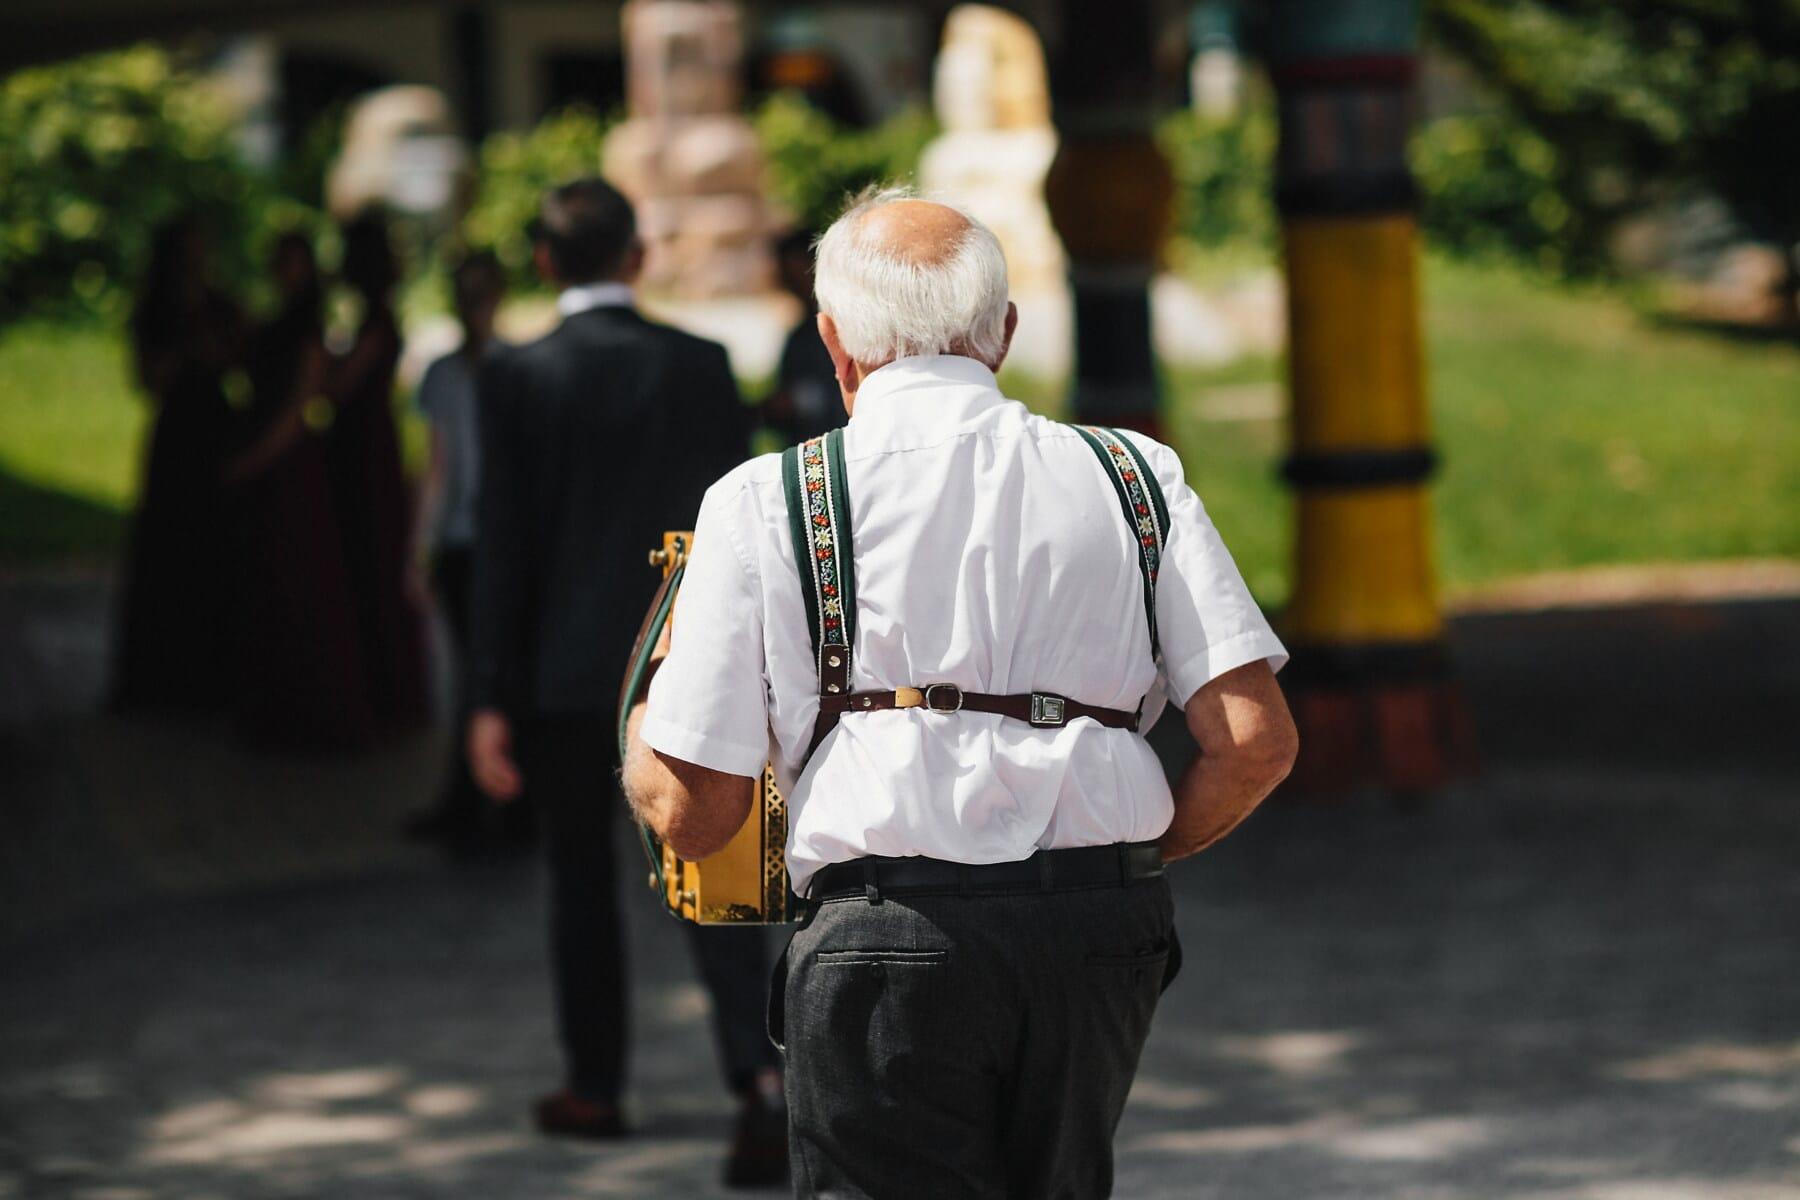 vieil homme, personnes âgées, marche, accordéon, musicien, rue, personne, gens, Ville, homme